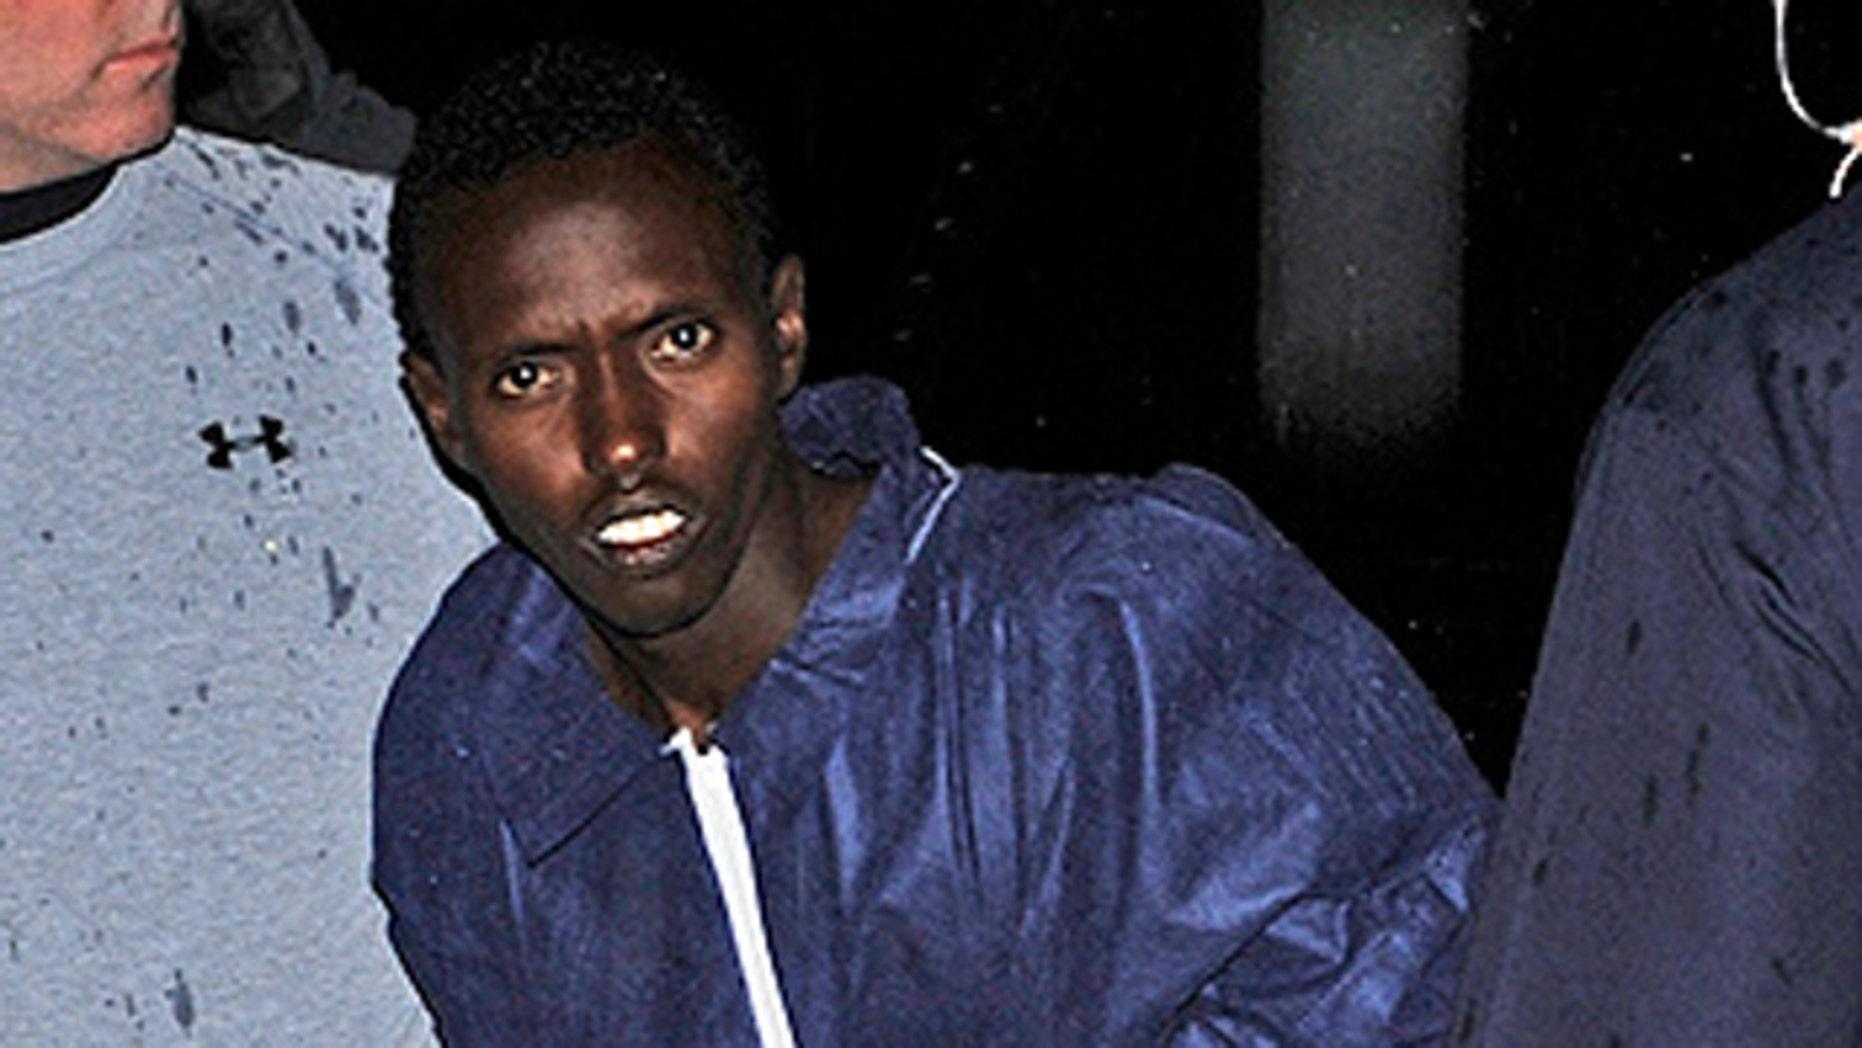 Abdiwali Abdiqadir Muse